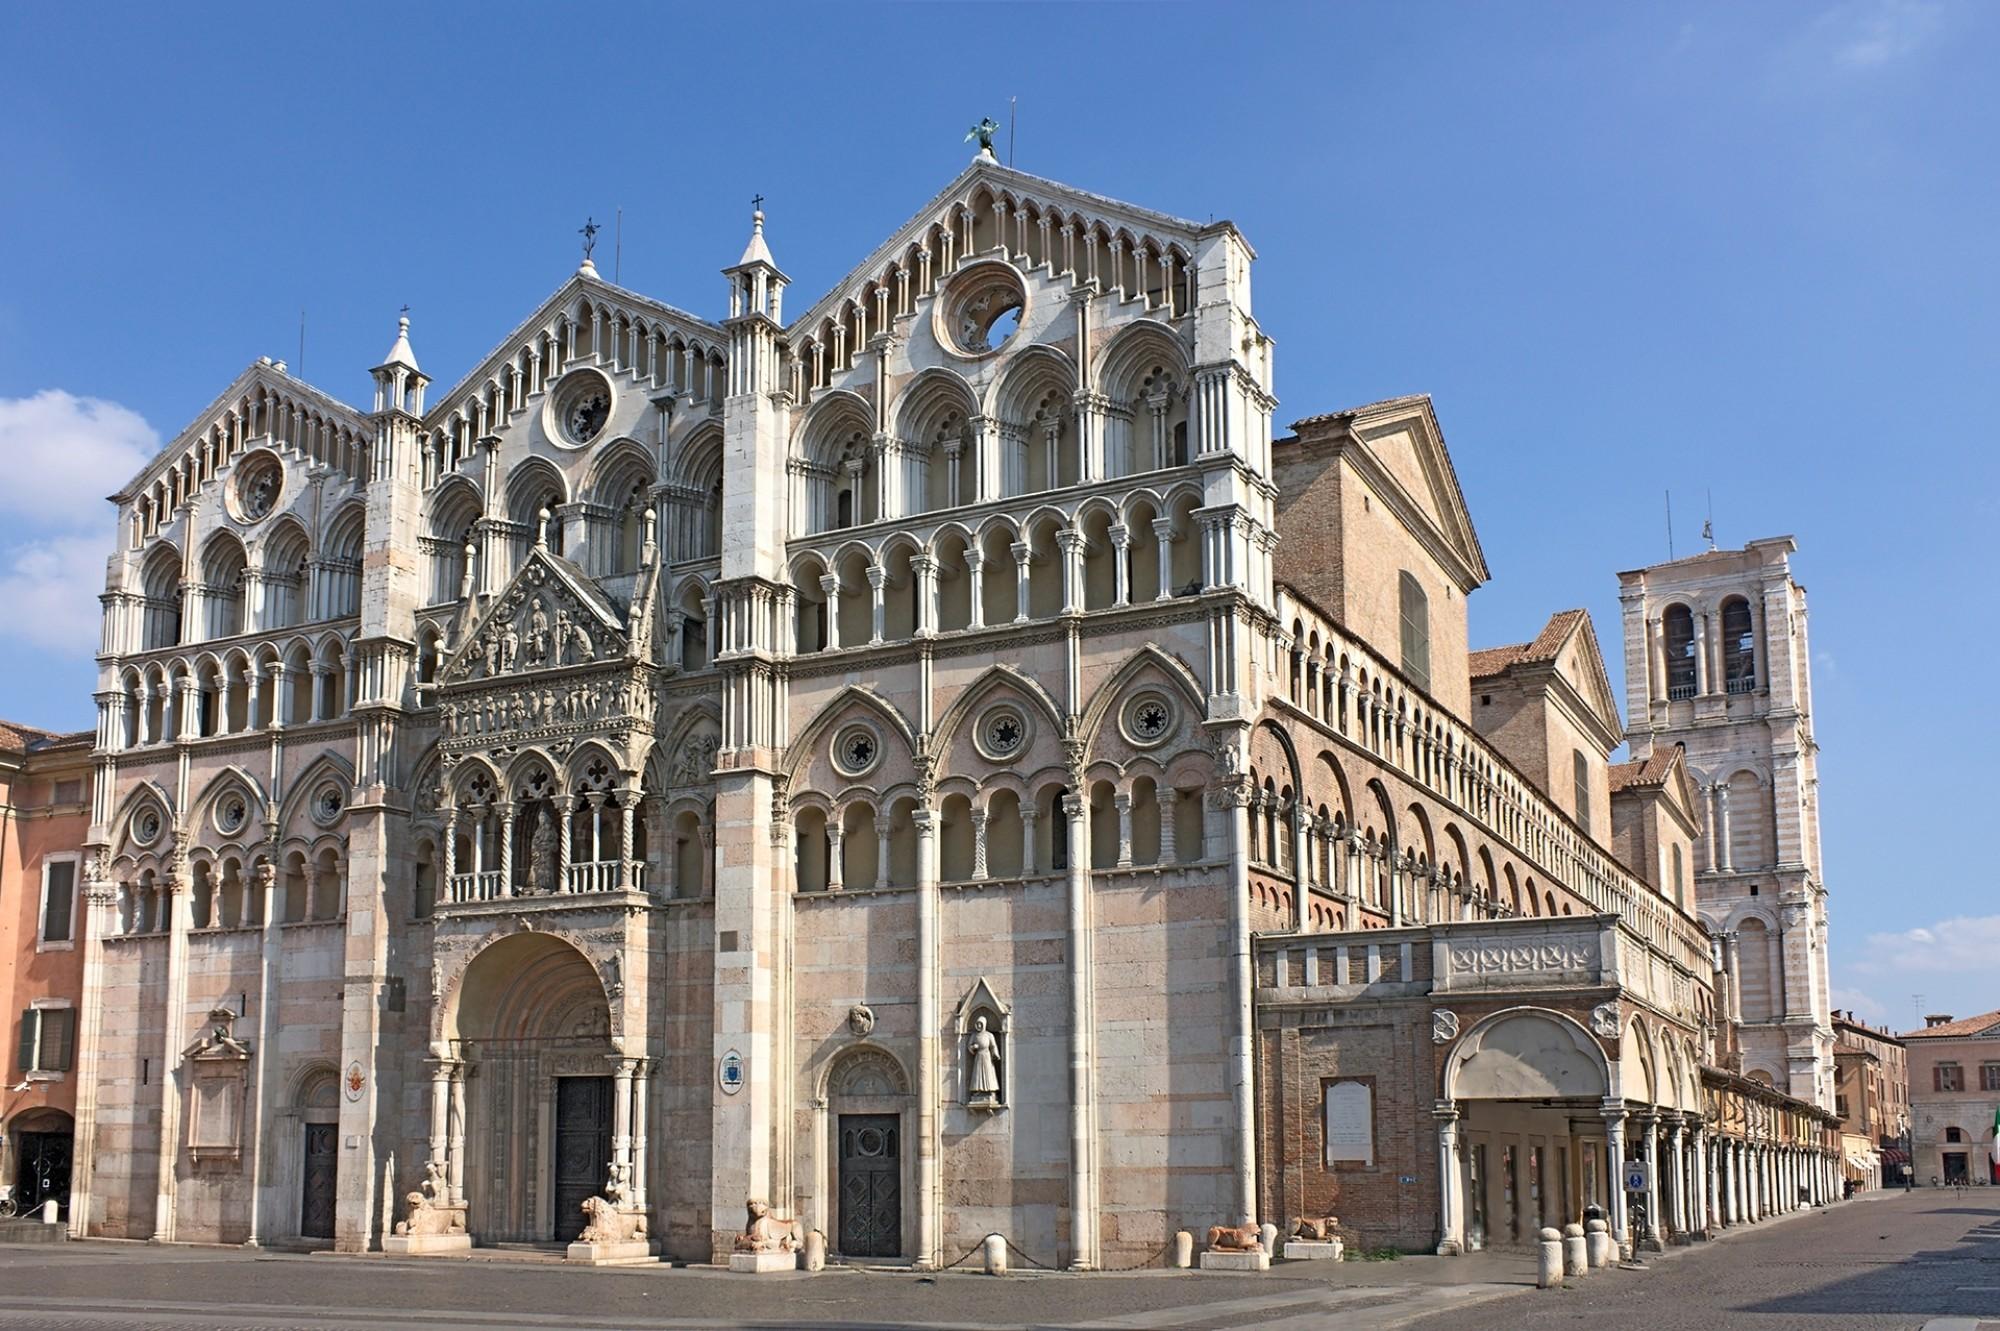 Antique Ferrara cathedral famous catholic landmark in Emilia Romagna Italy